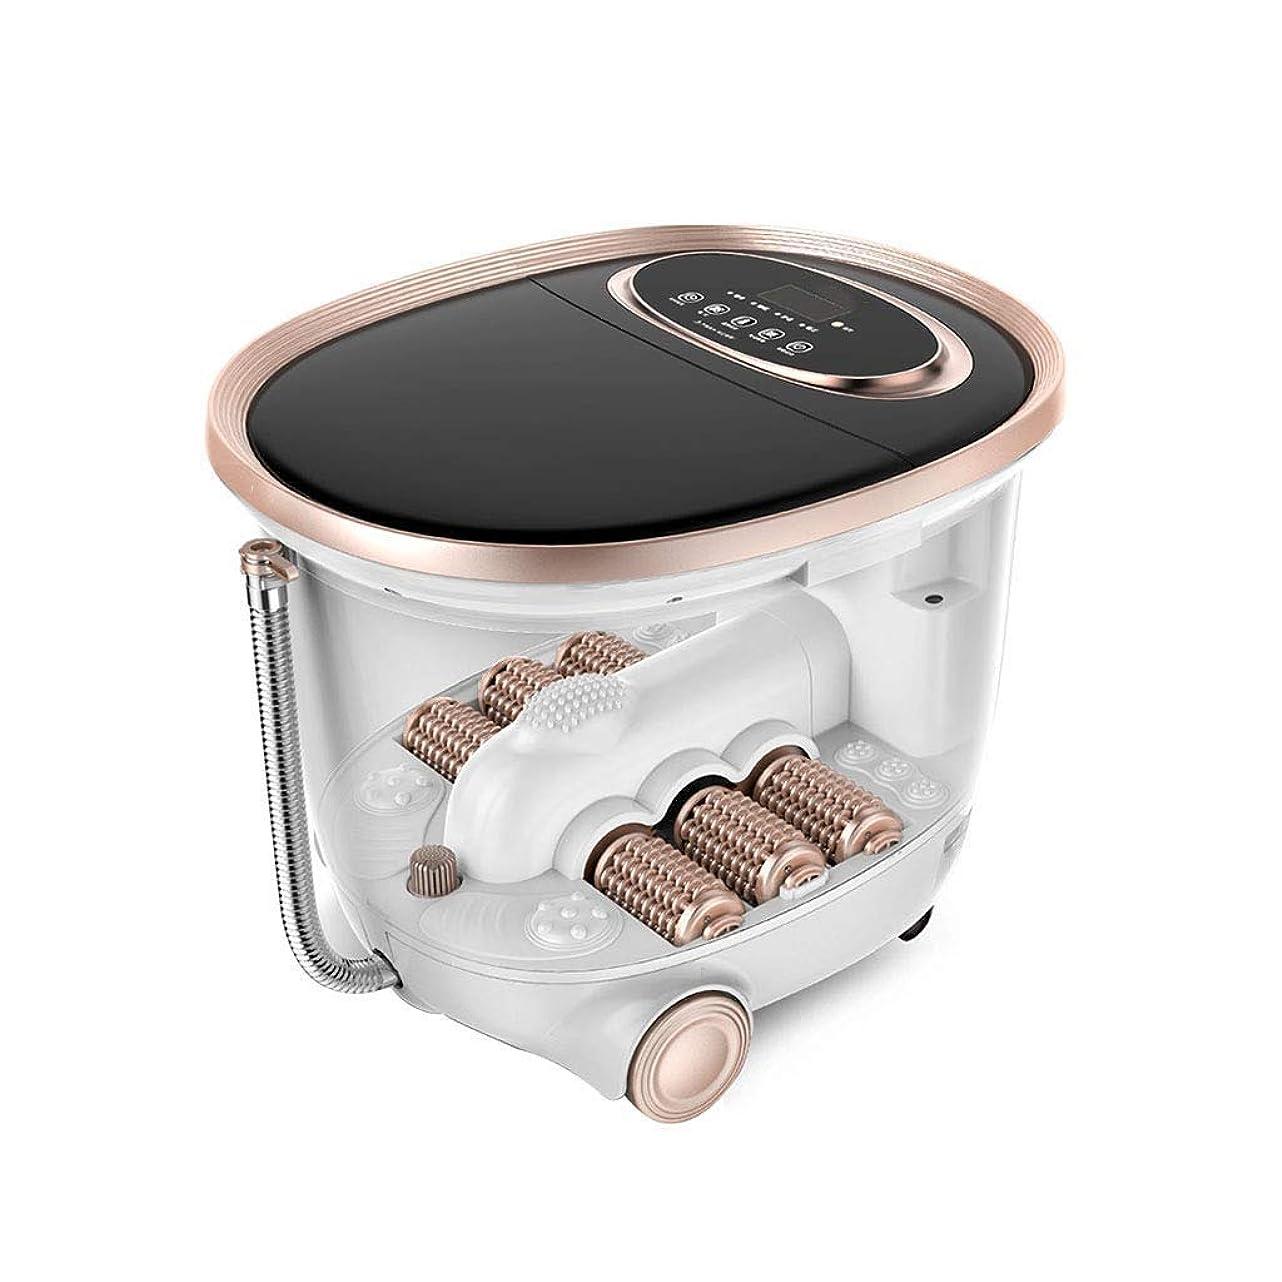 行う対応するまばたきJLL 電動タイジーマッサージ付きフットスパマッサージ-4プロセットプログラム-時間設定、サーフィン、暖房、自動マッサージ